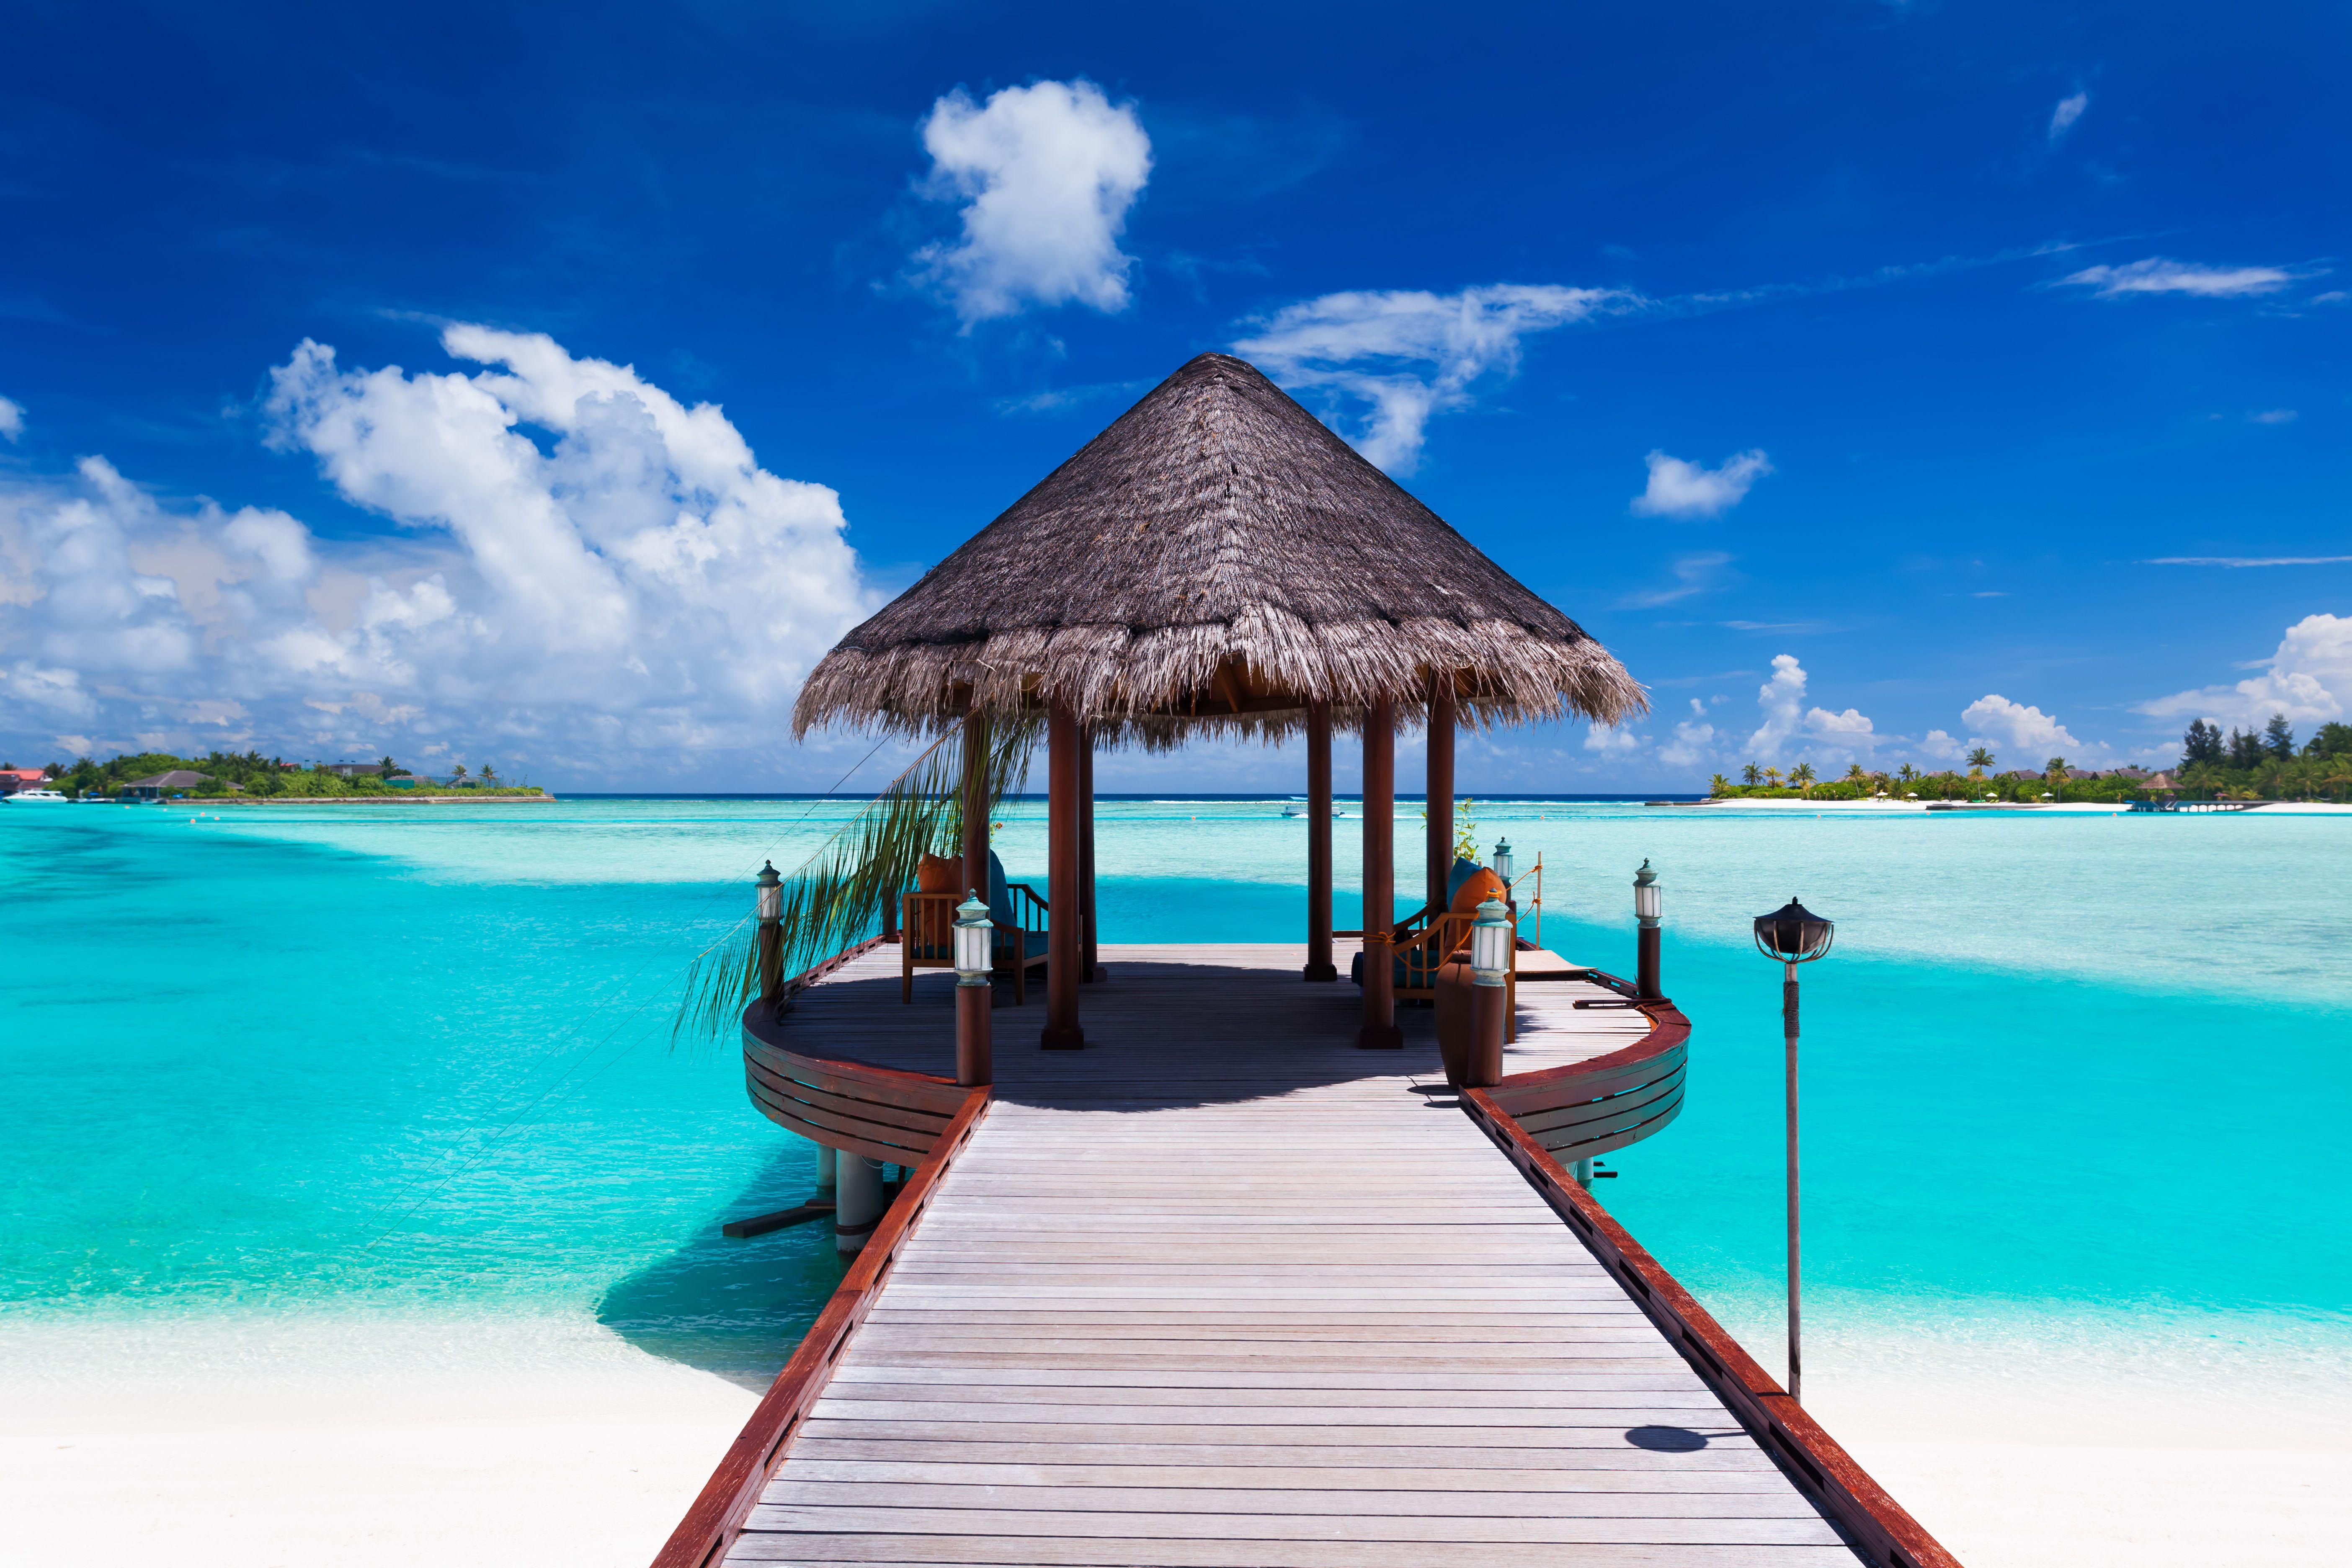 pin by partir pas cher on maldives tropical island beach beach island resort beach paradise